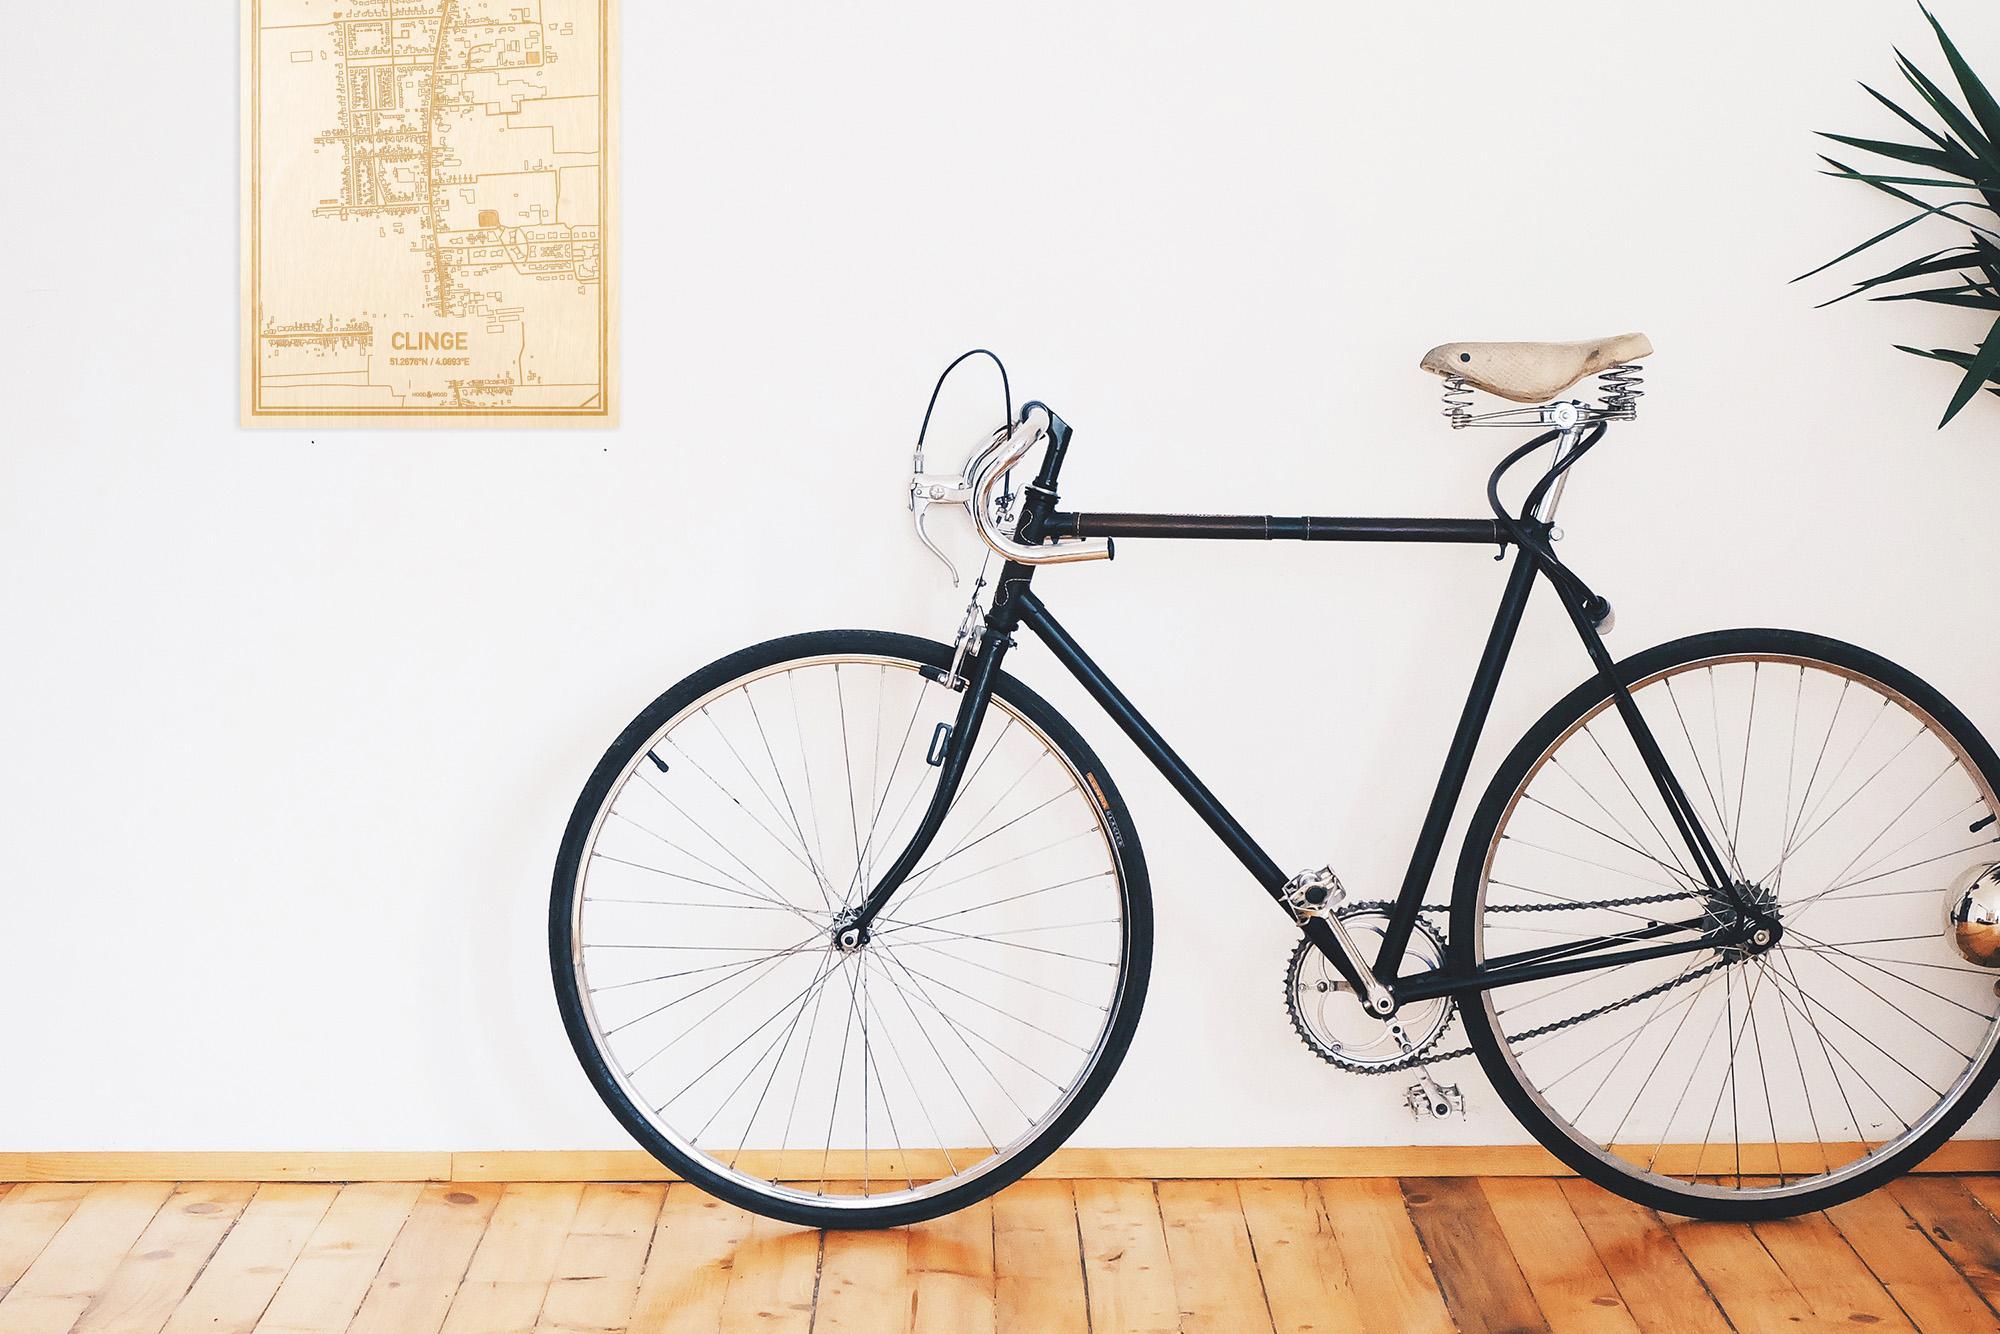 Een snelle fiets in een uniek interieur in Zeeland met mooie decoratie zoals de plattegrond Clinge.